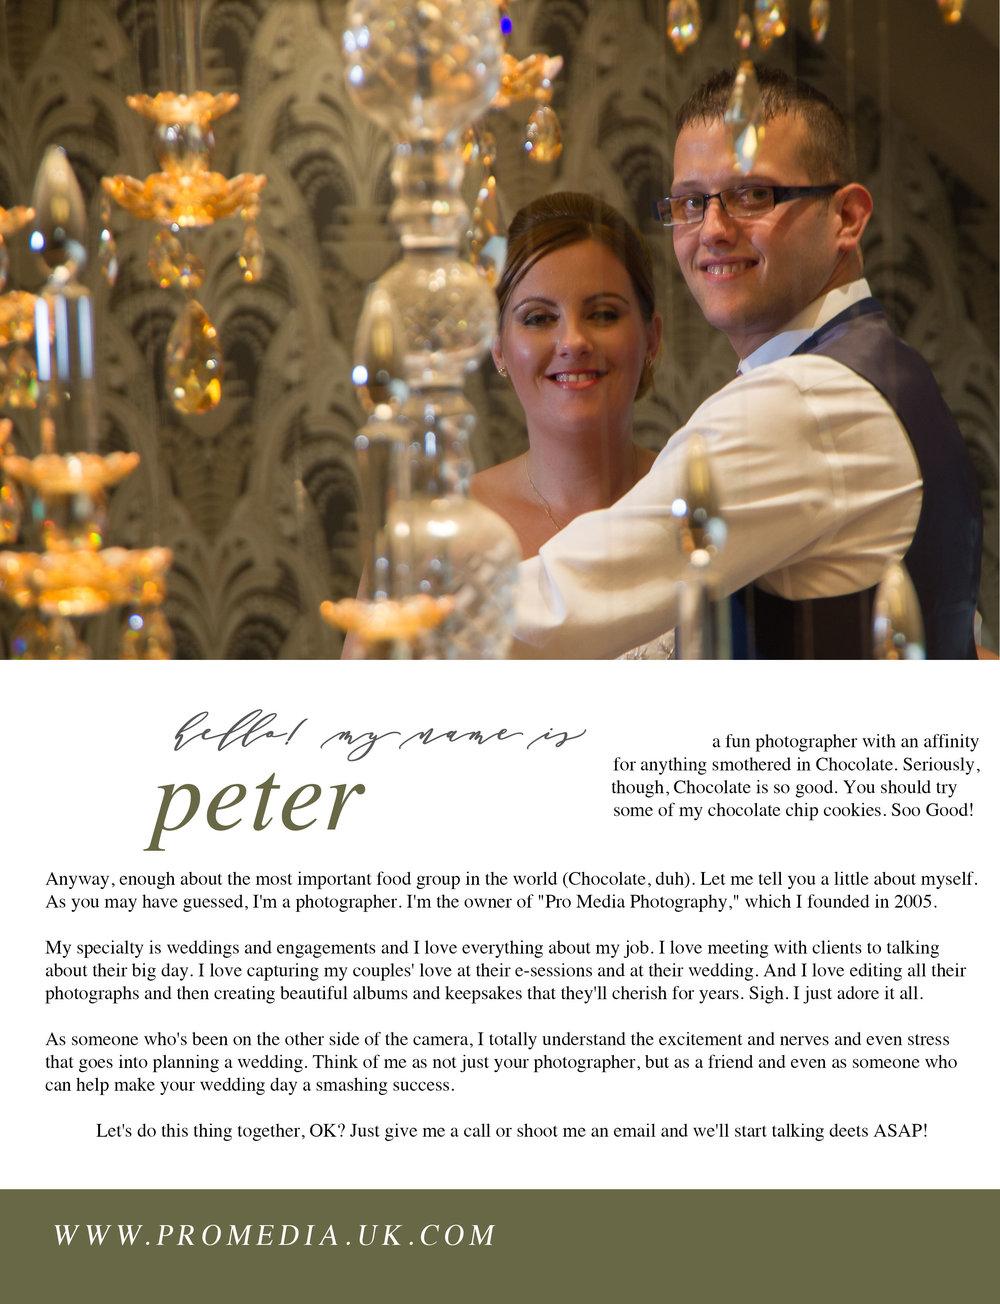 2 - BP4U - Wedding Client Guide - PG 1.jpg